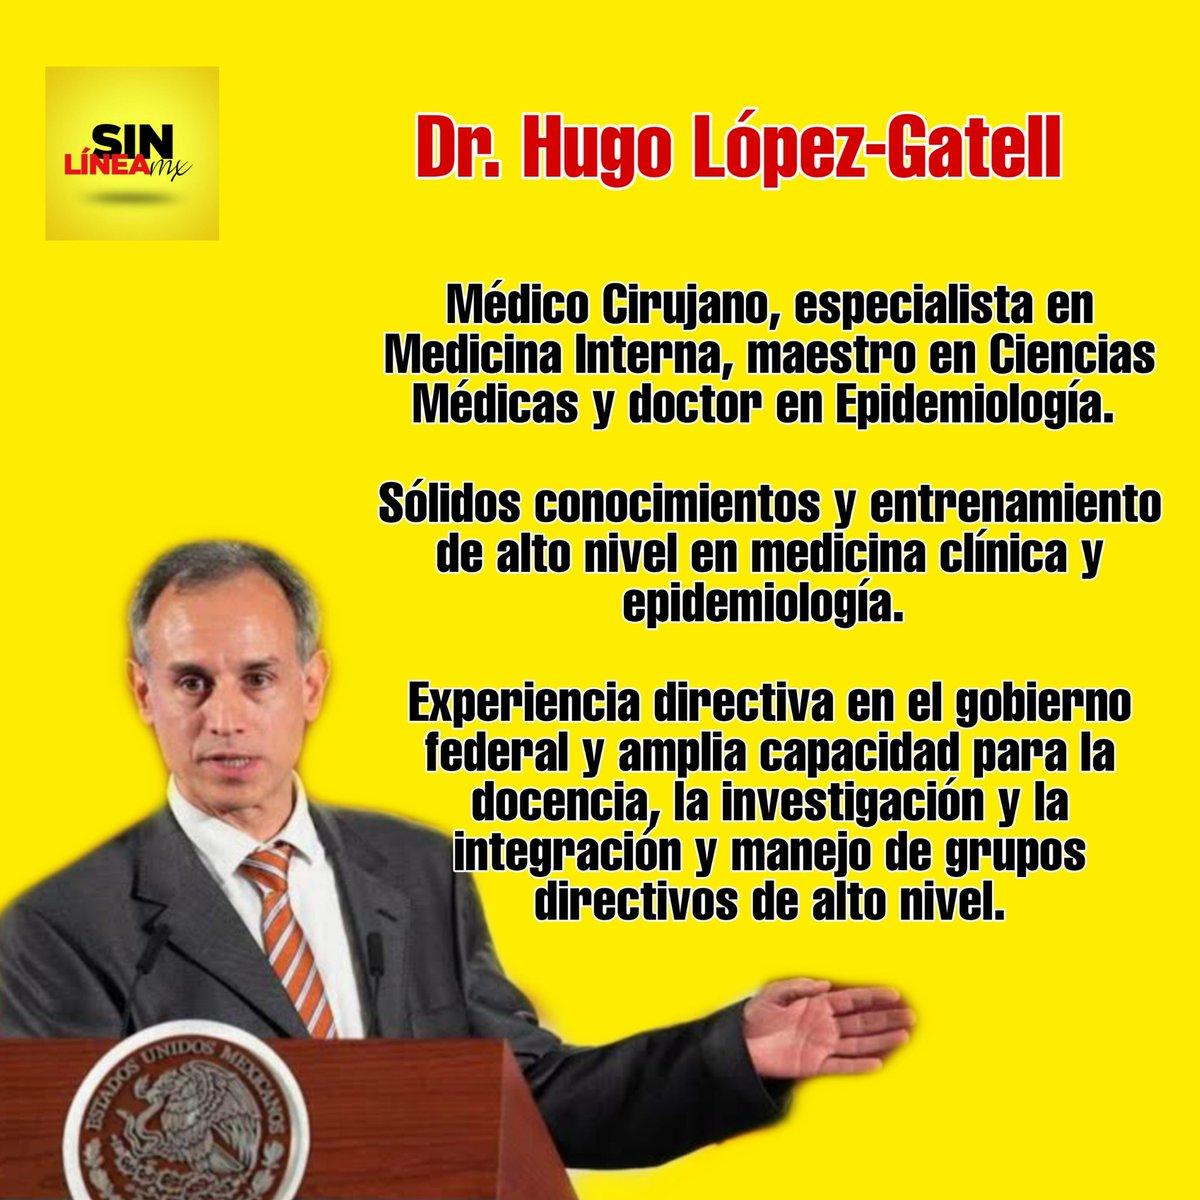 ¿Por qué en México el coronavirus está parcialmente controlado? Este hombre desde enero implementó un plan para monitorear el comportamiento de virus. #HugoLGatellNoEstaSolo